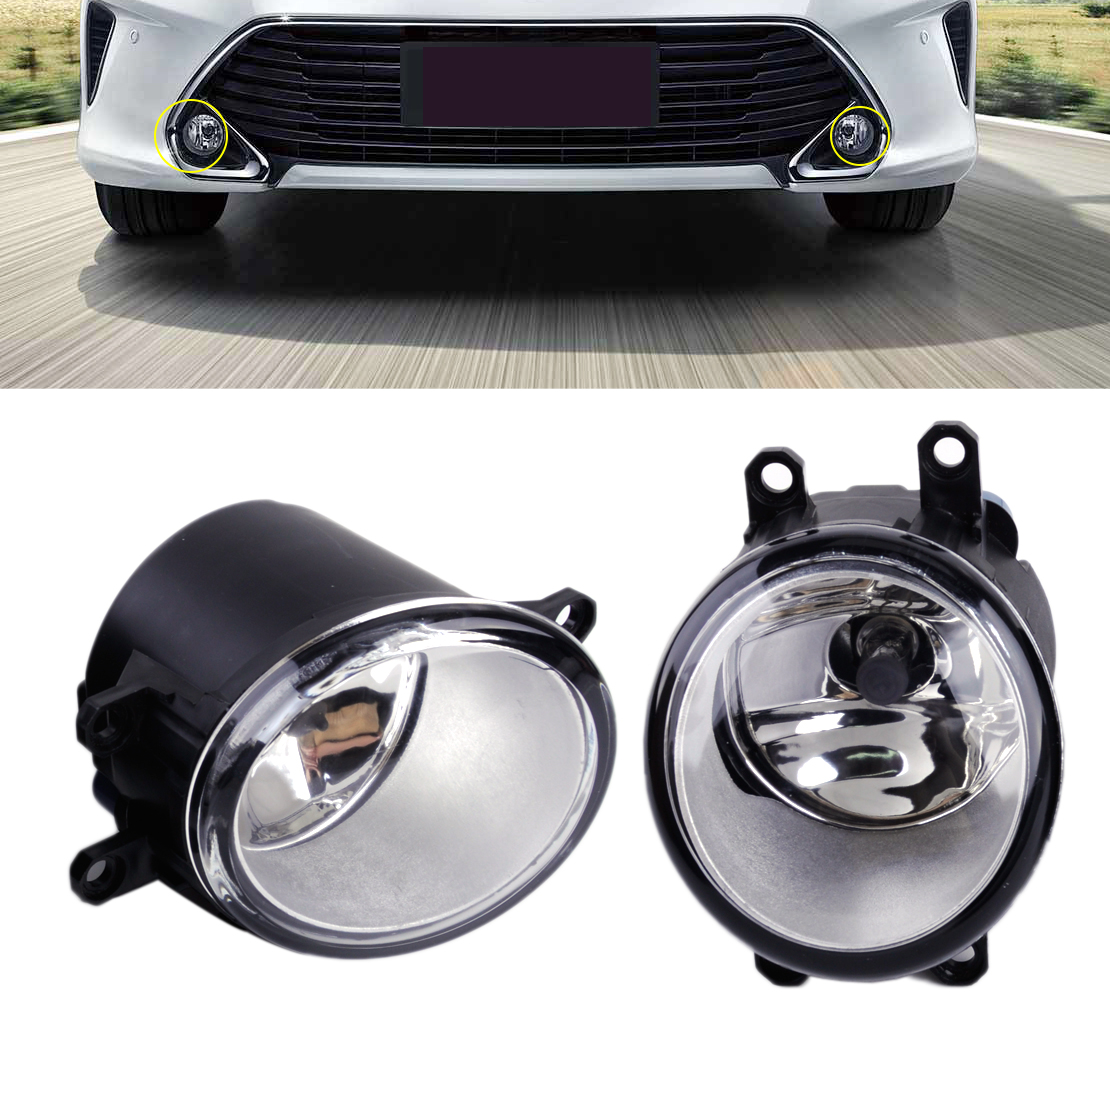 Beler 8122006070 8121006070 feu de conduite anti-brouillard gauche droite avec ampoules H11 adaptées pour Toyota Camry Corolla Matrix Lexus LX570